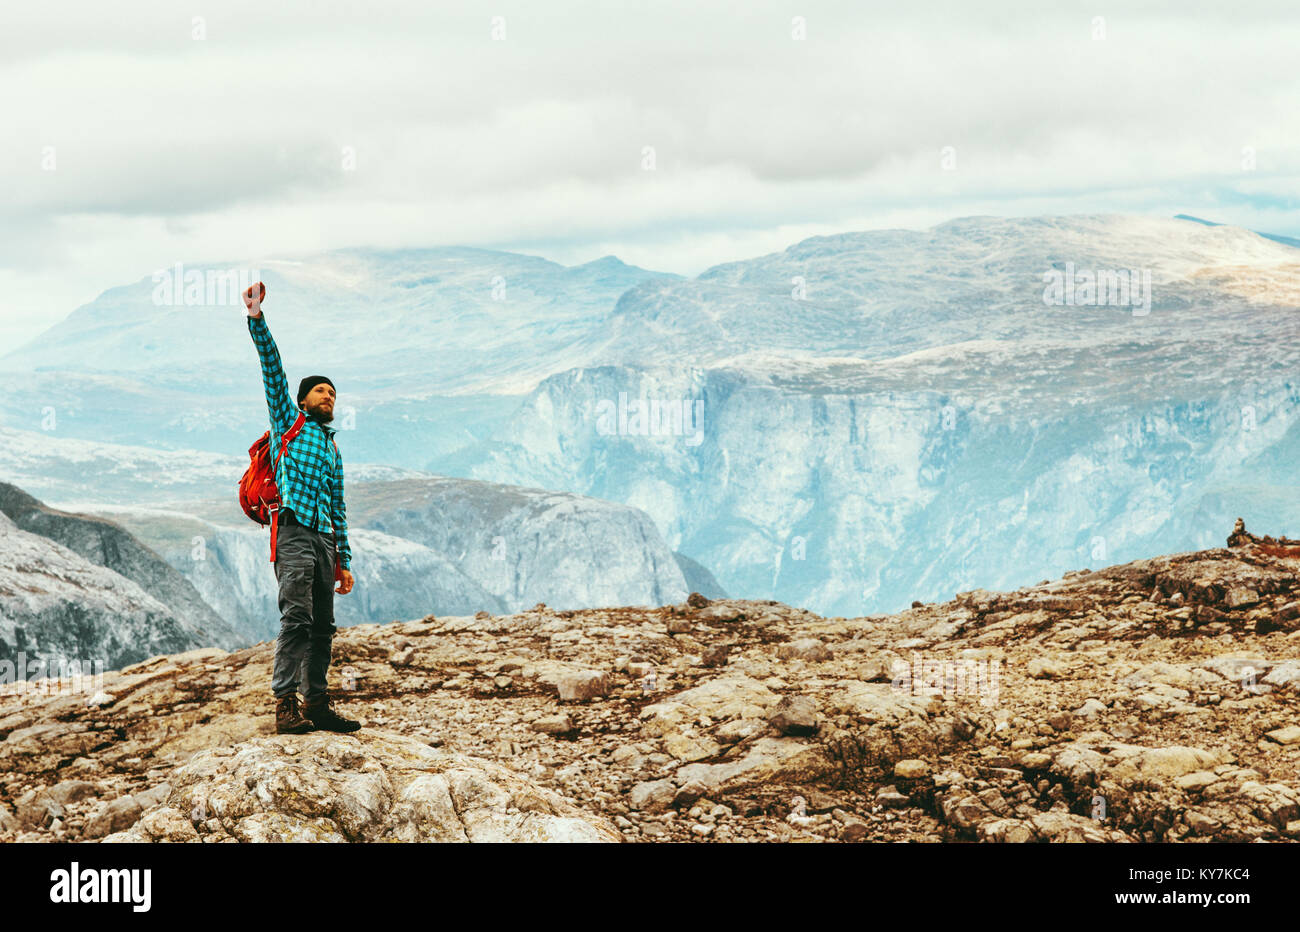 El hombre feliz mano levantada viaje emocional concepto de estilo de vida vacaciones de la aventura al aire libre Imagen De Stock